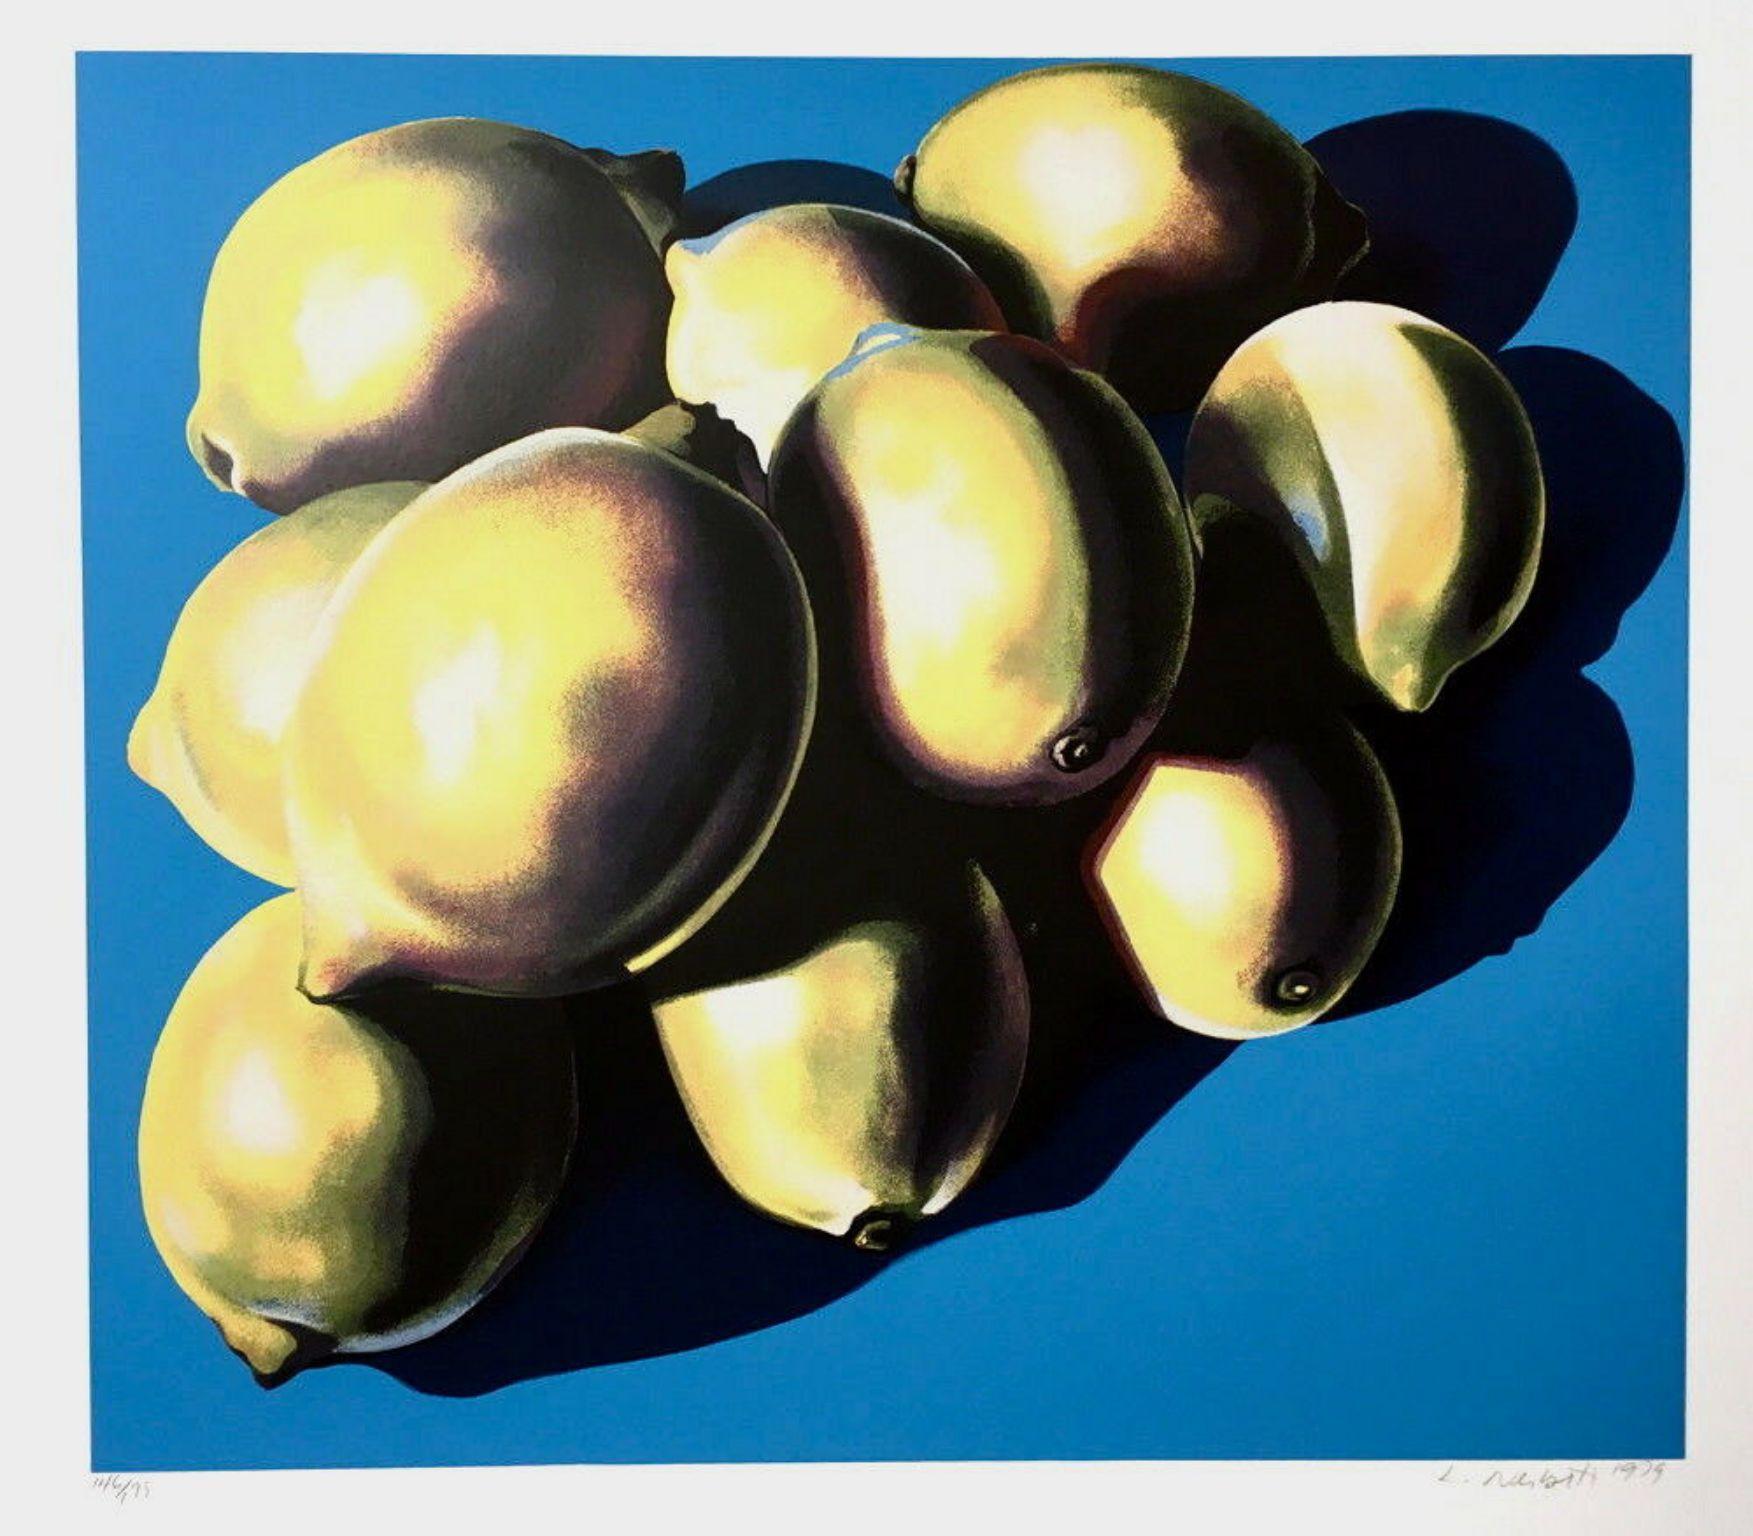 10 Lemons, Limited Edition Silkscreen, Lowell Nesbitt